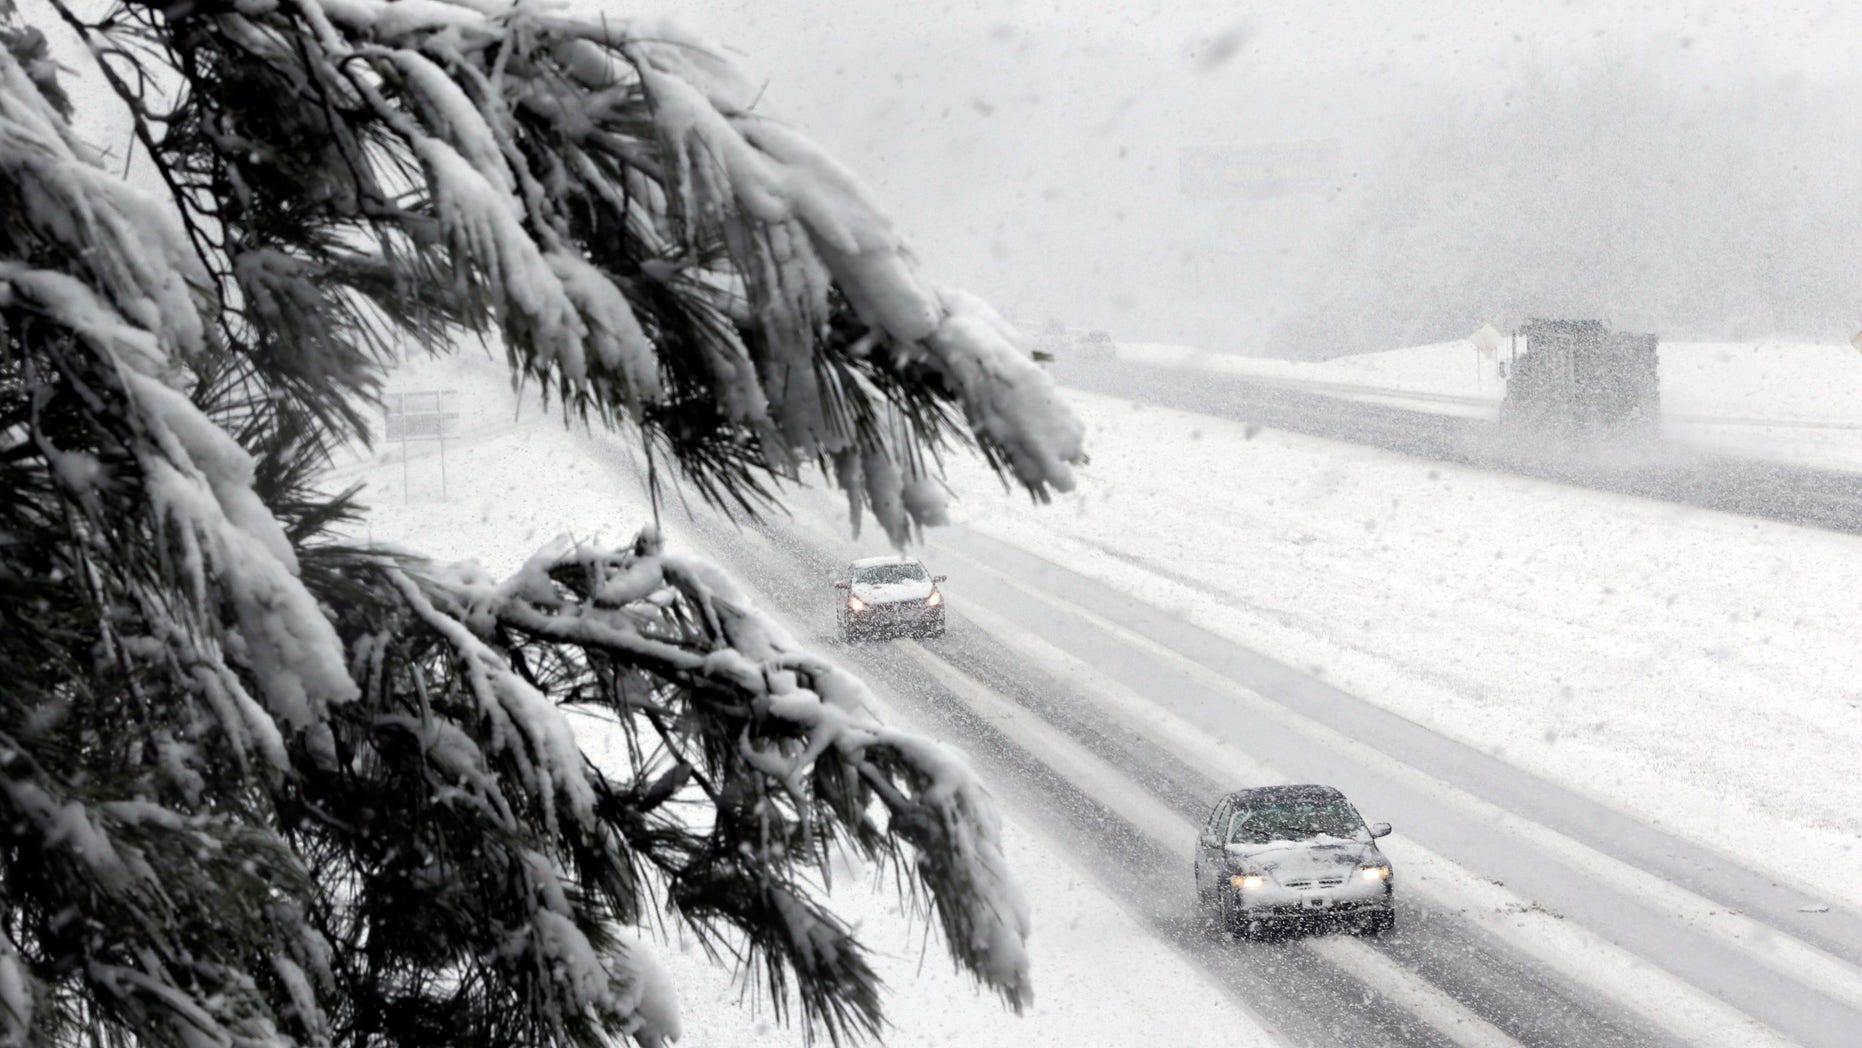 Jan. 17, 2013: Heavy fall snows along Interstate-65 in Hartselle, Ala.